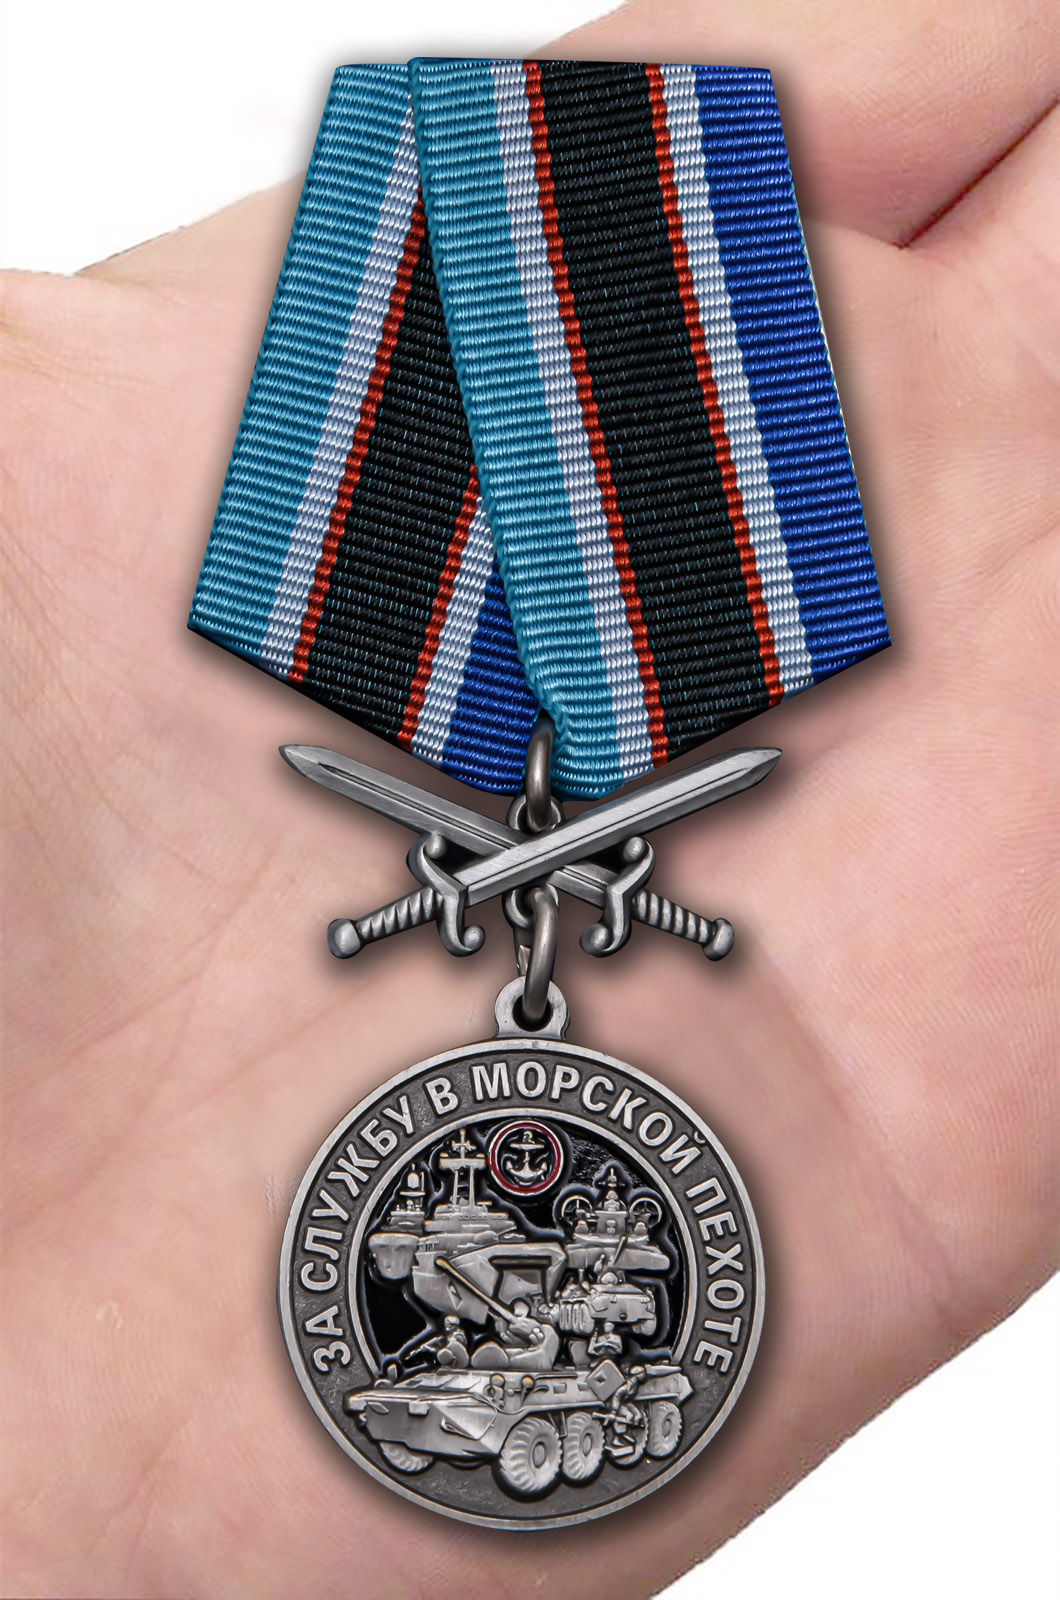 Наградная медаль За службу в Морской пехоте - вид на ладони